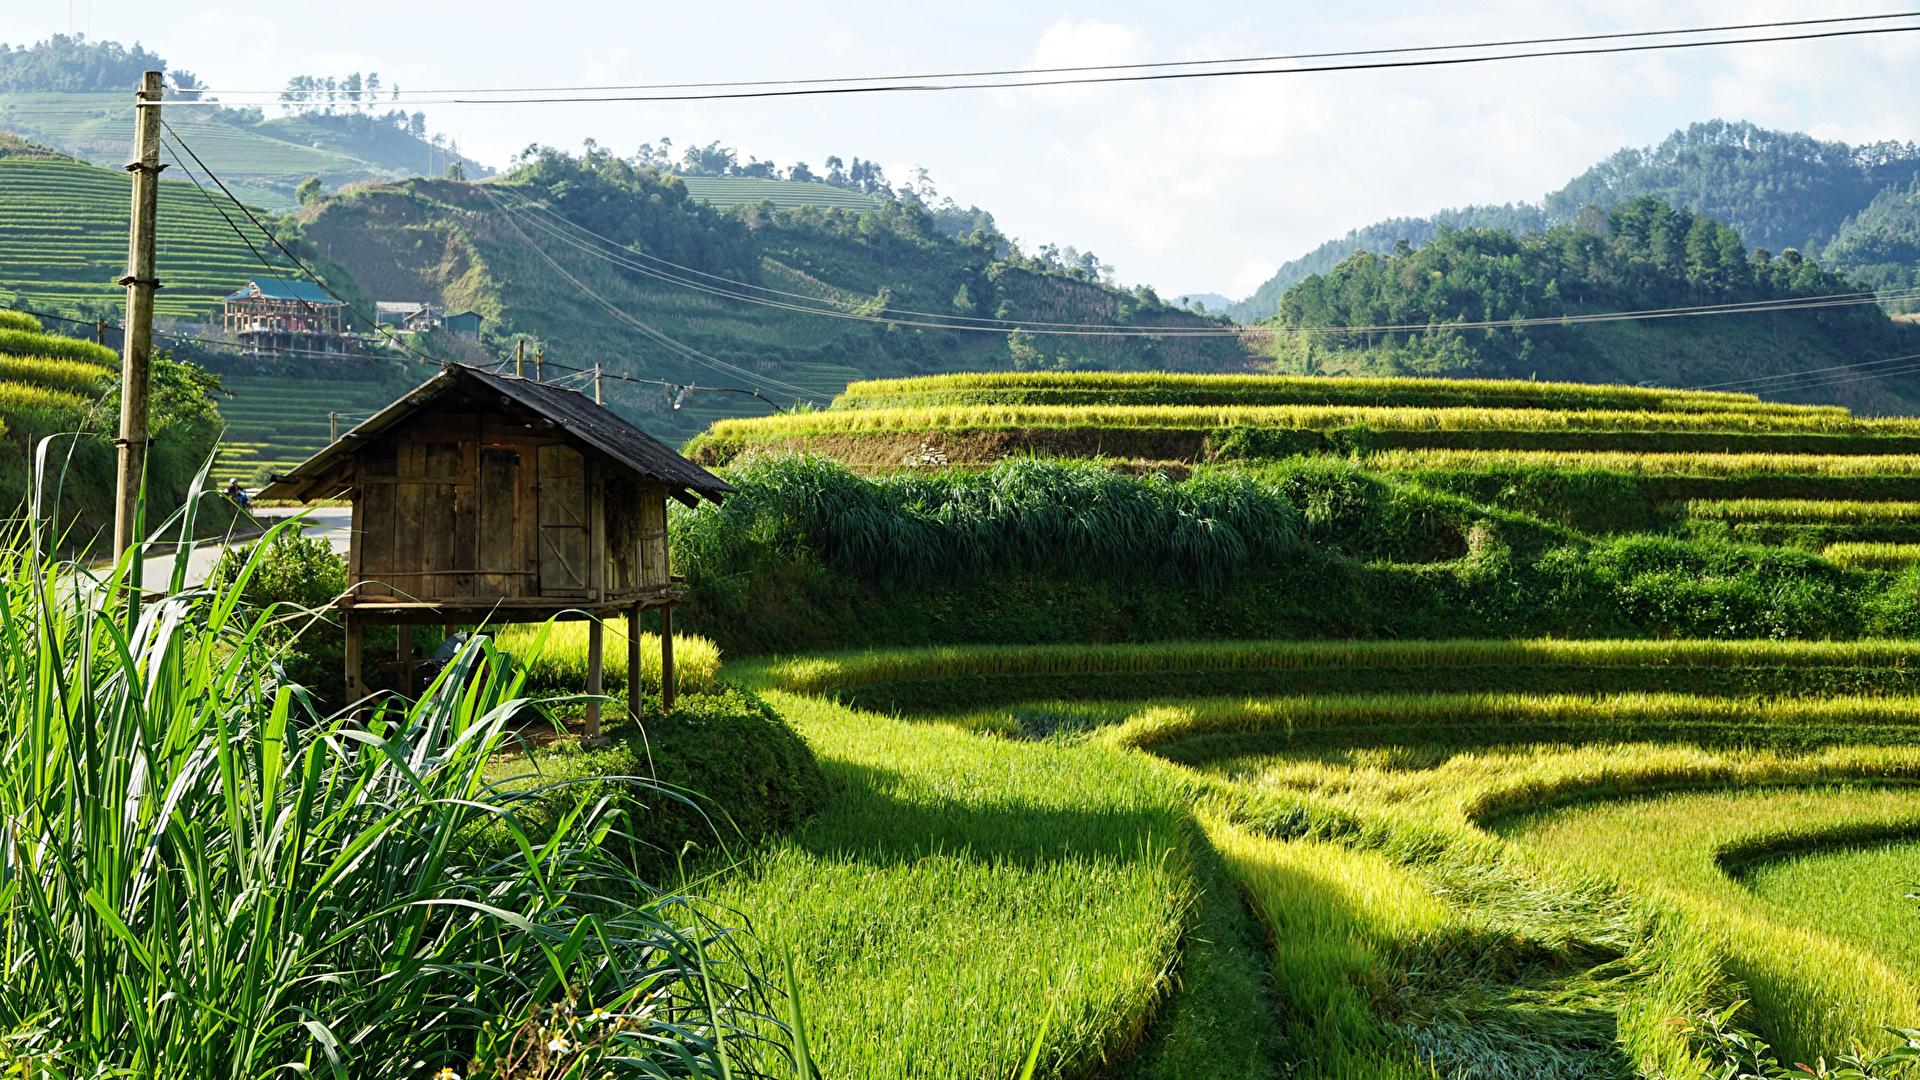 Обои для рабочего стола Вьетнам Sapa Природа Поля холмов 1920x1080 холм Холмы